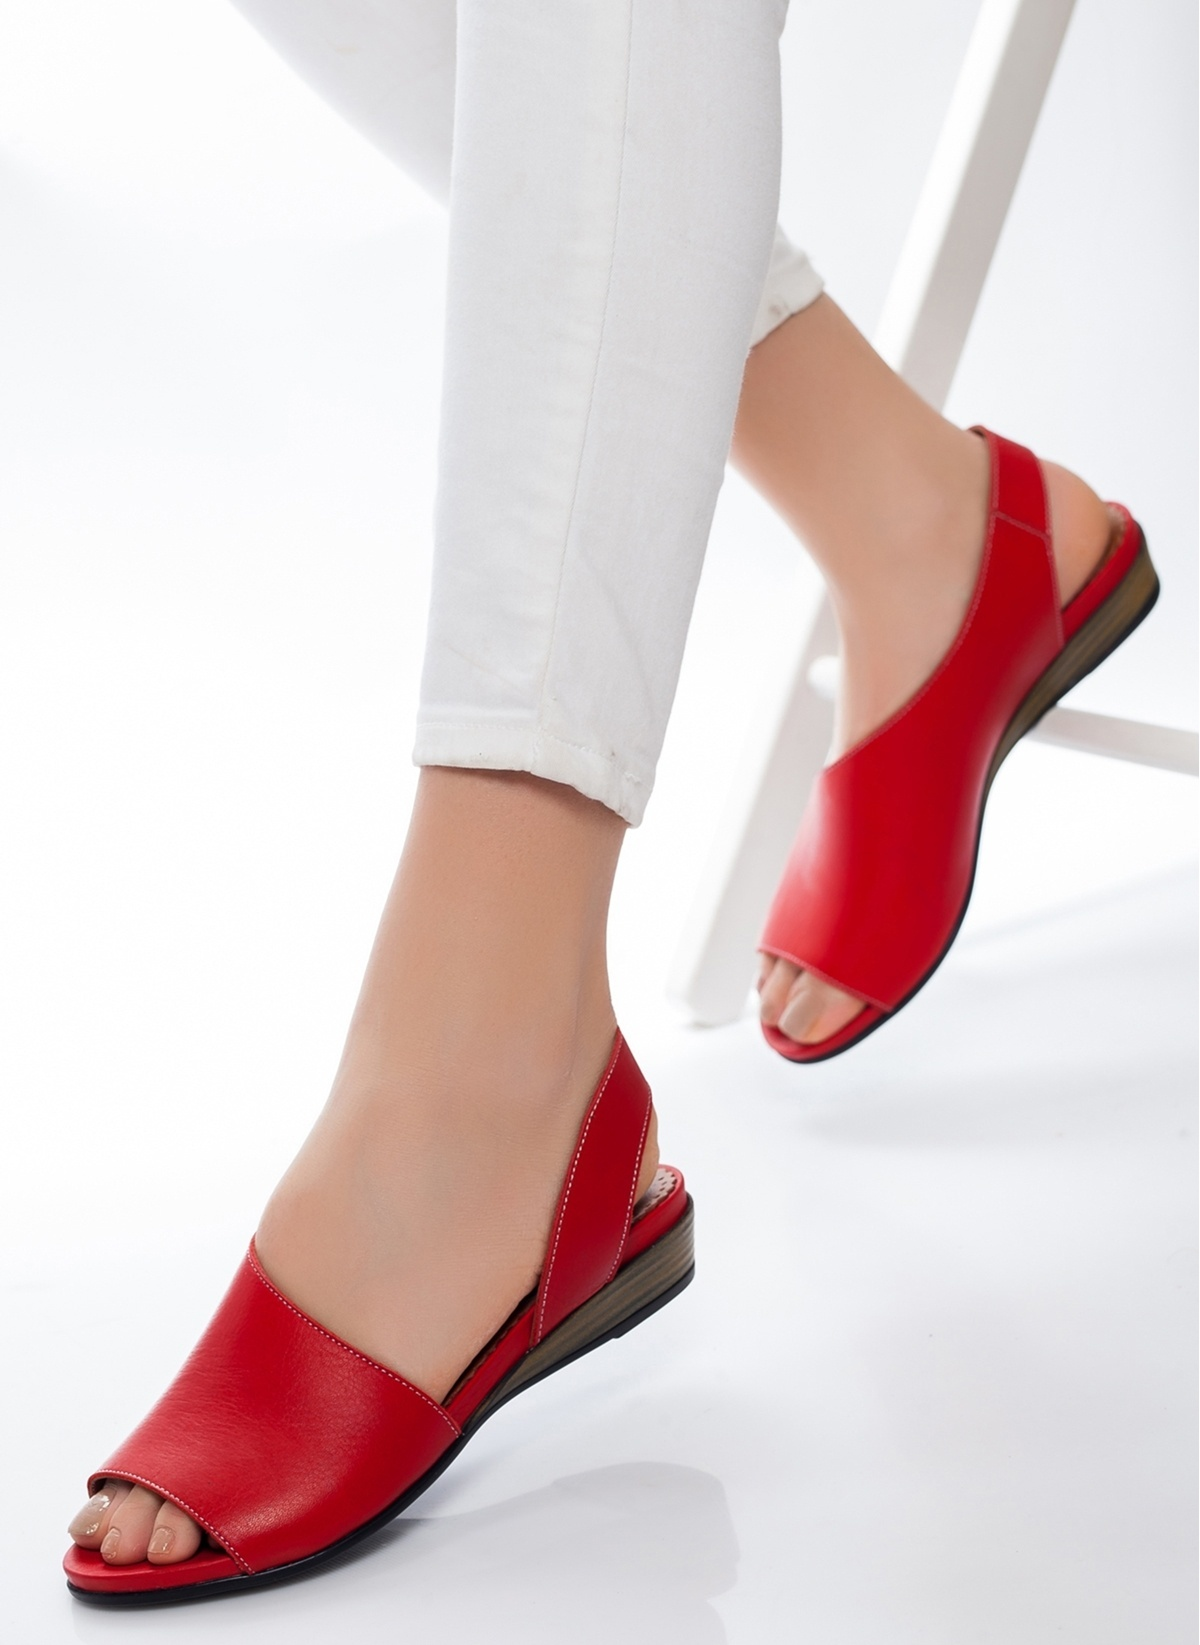 Efem Deri Ayakkabı 19ystl19526001 Günlük Ayakkabı – 225.0 TL